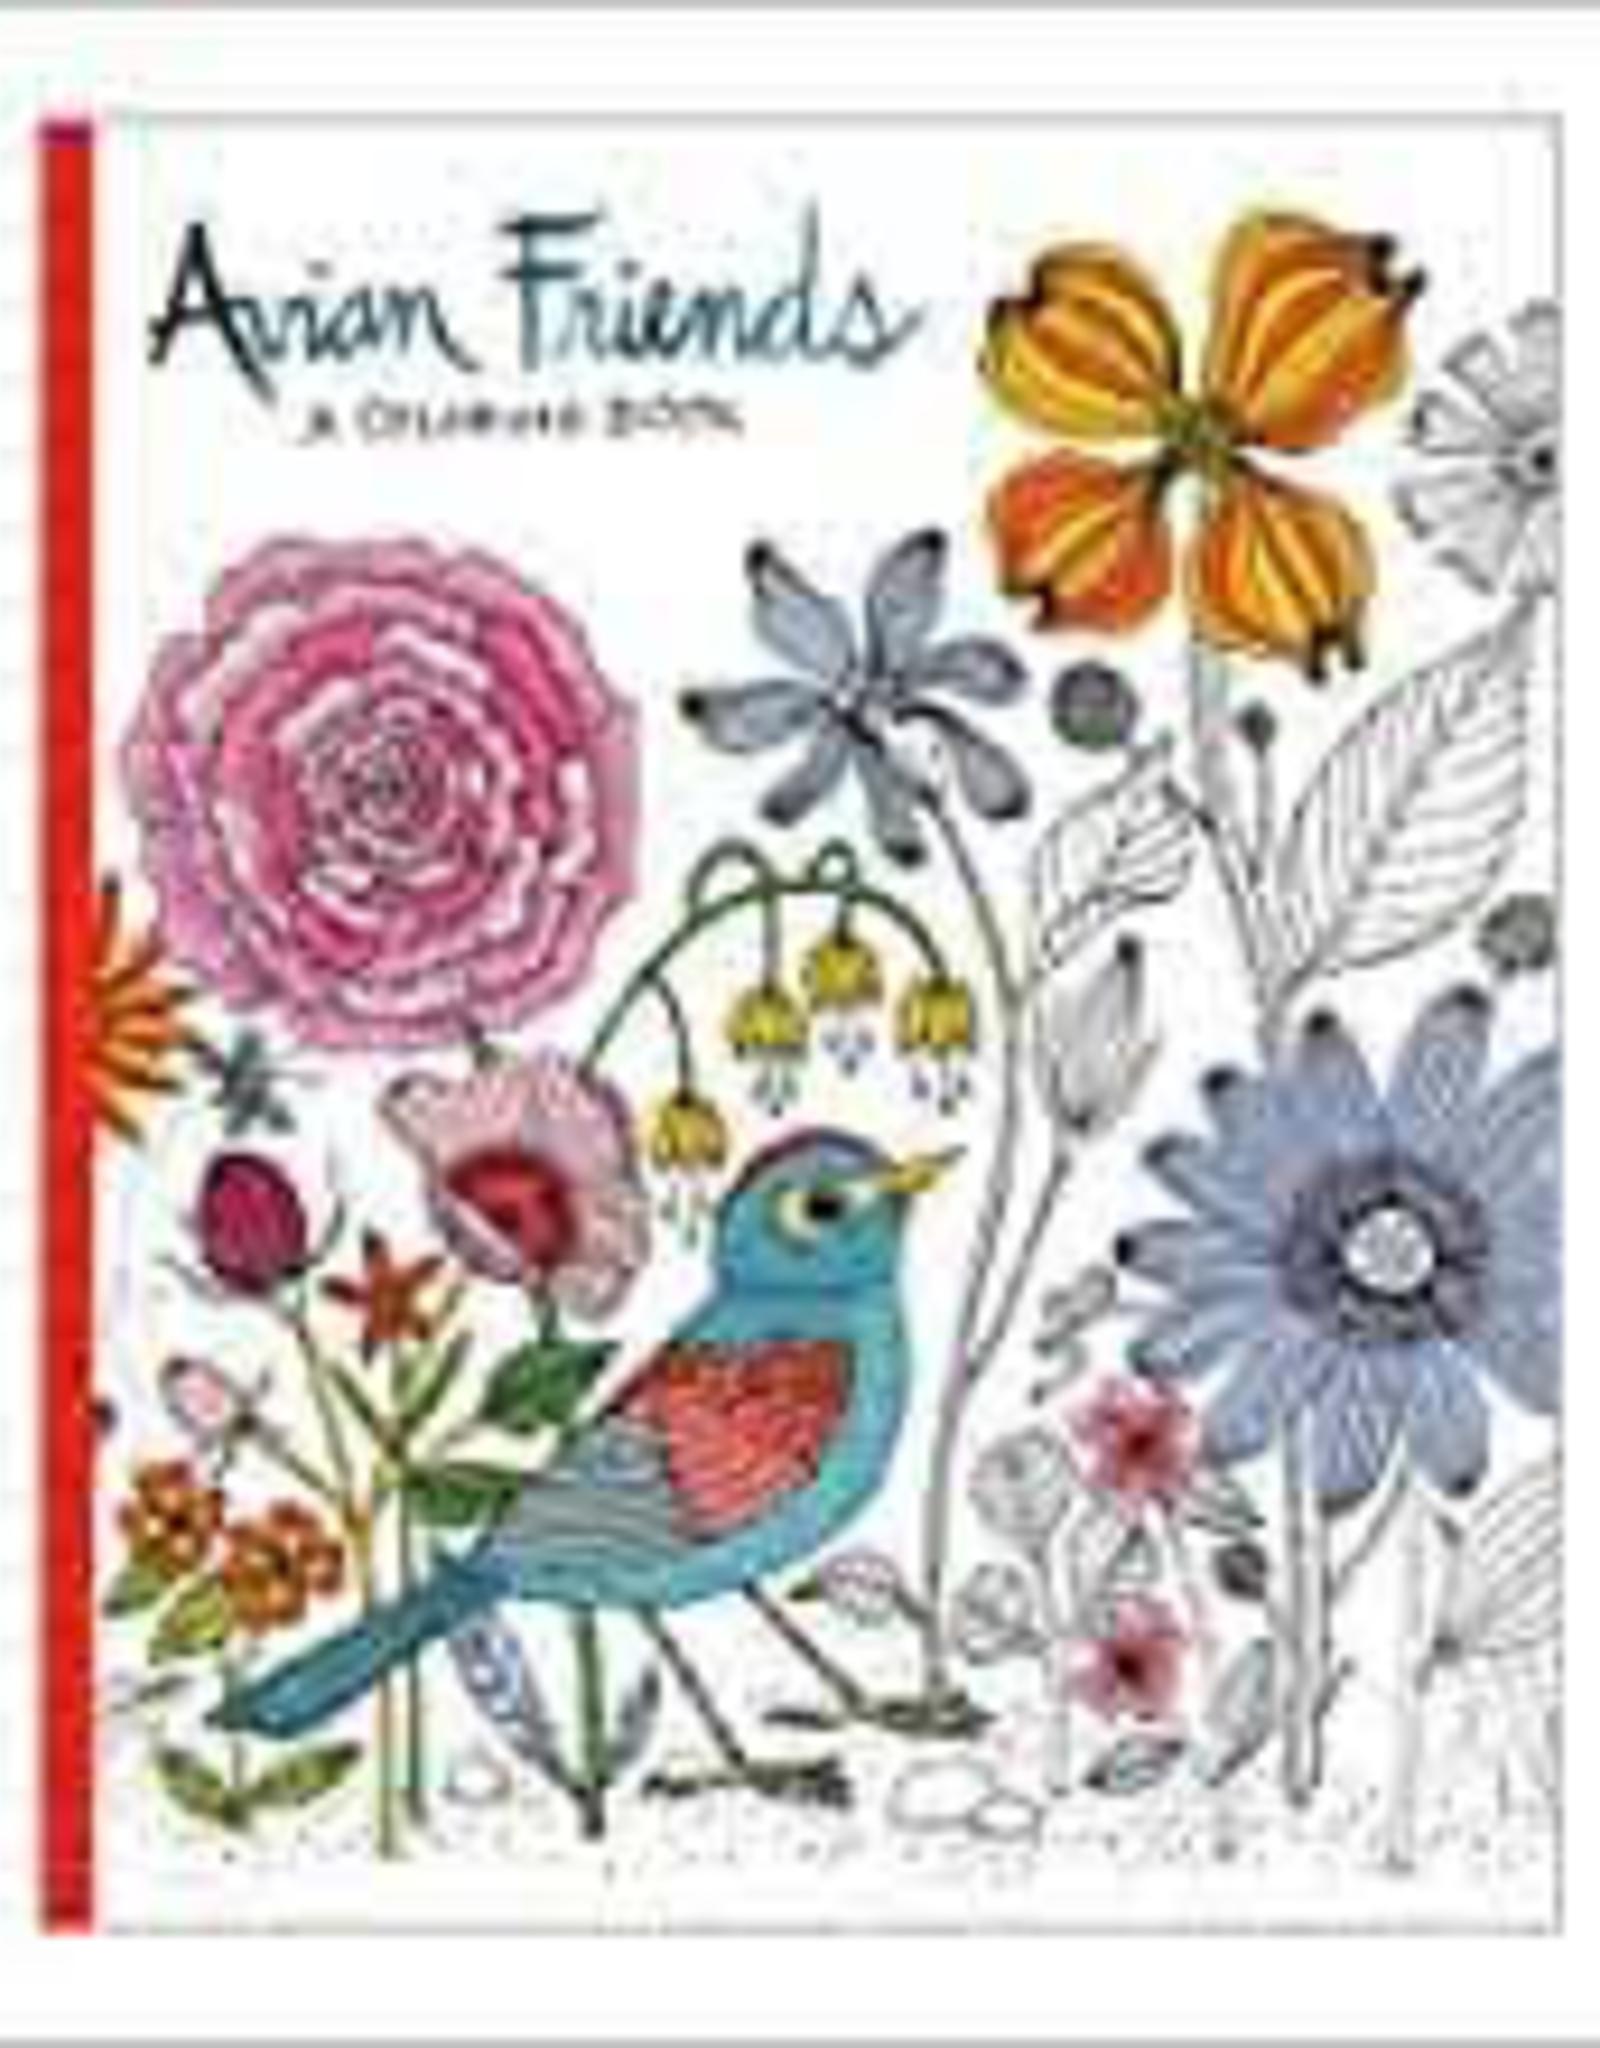 Raincoast Books Raincoast Books Avian Friends Colouring Book